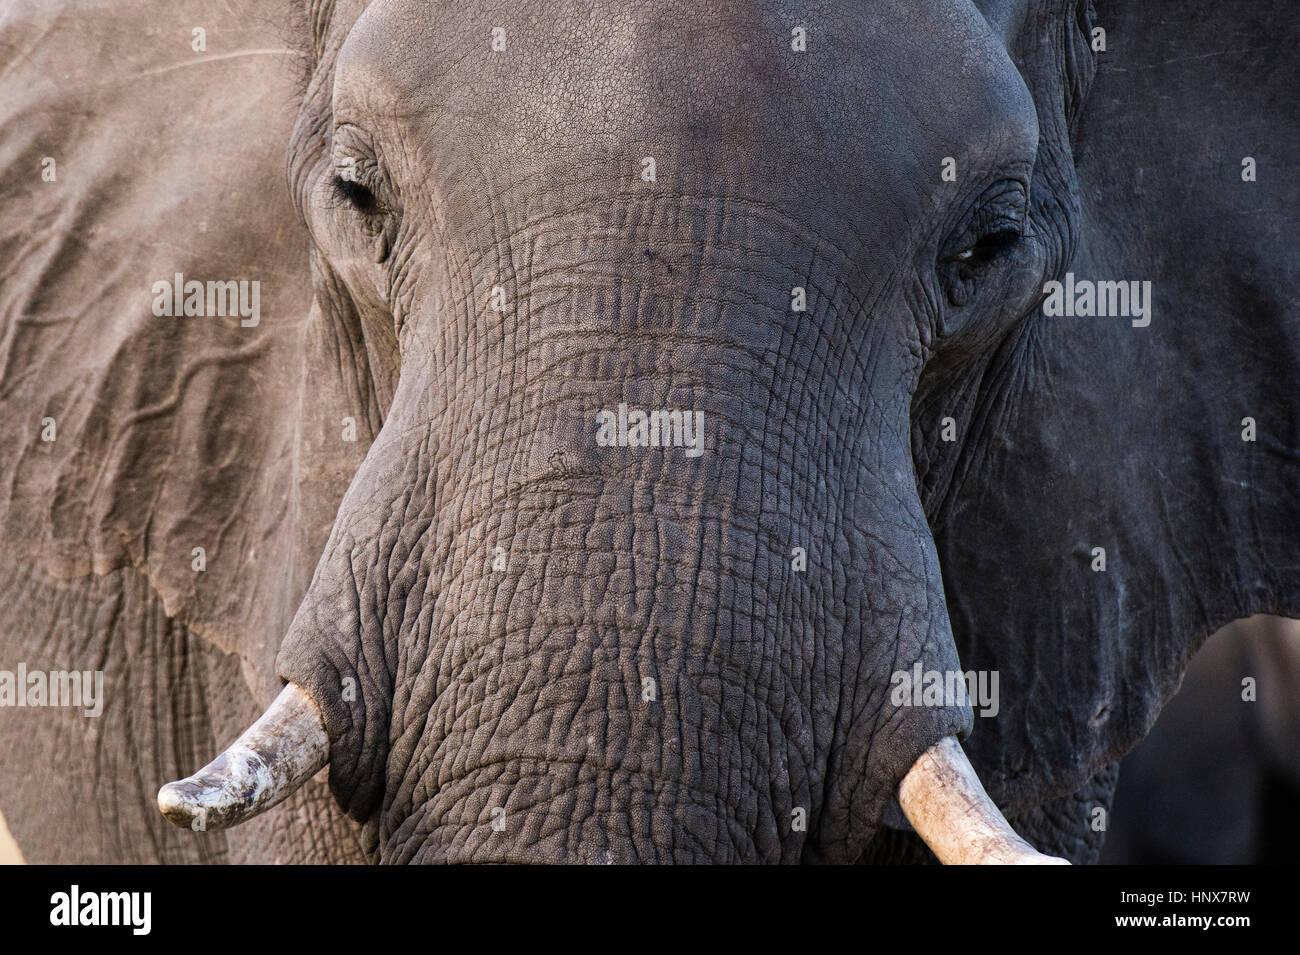 Close up portrait of elephant (Loxodonta africana), Khwai concession, Okavango delta, Botswana - Stock Image